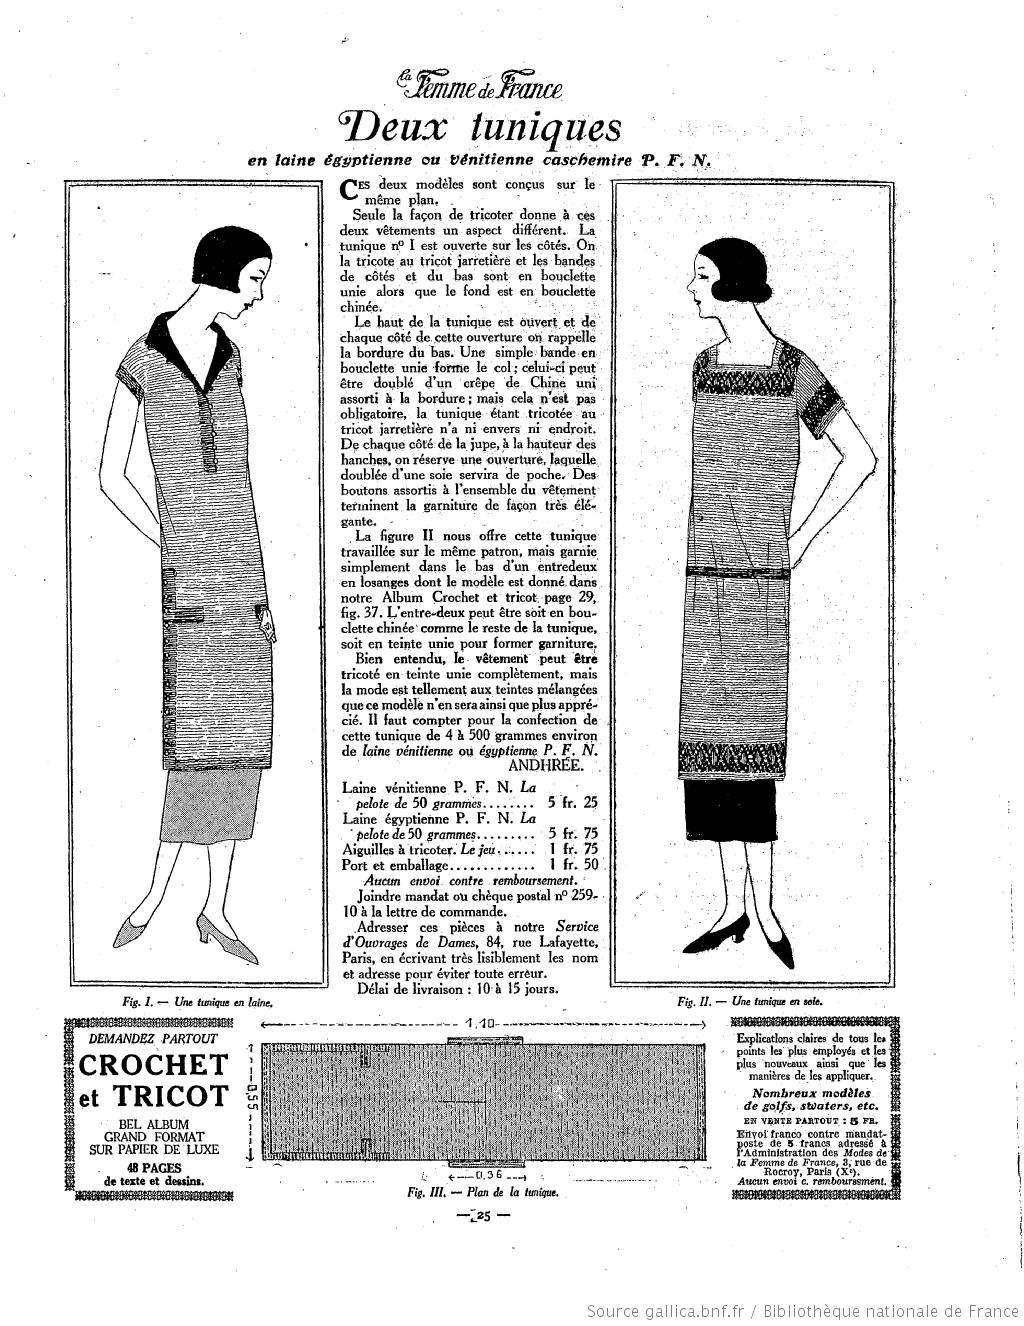 La Femme de France 1925 | ♥ Design de mode ♥ | Pinterest ...